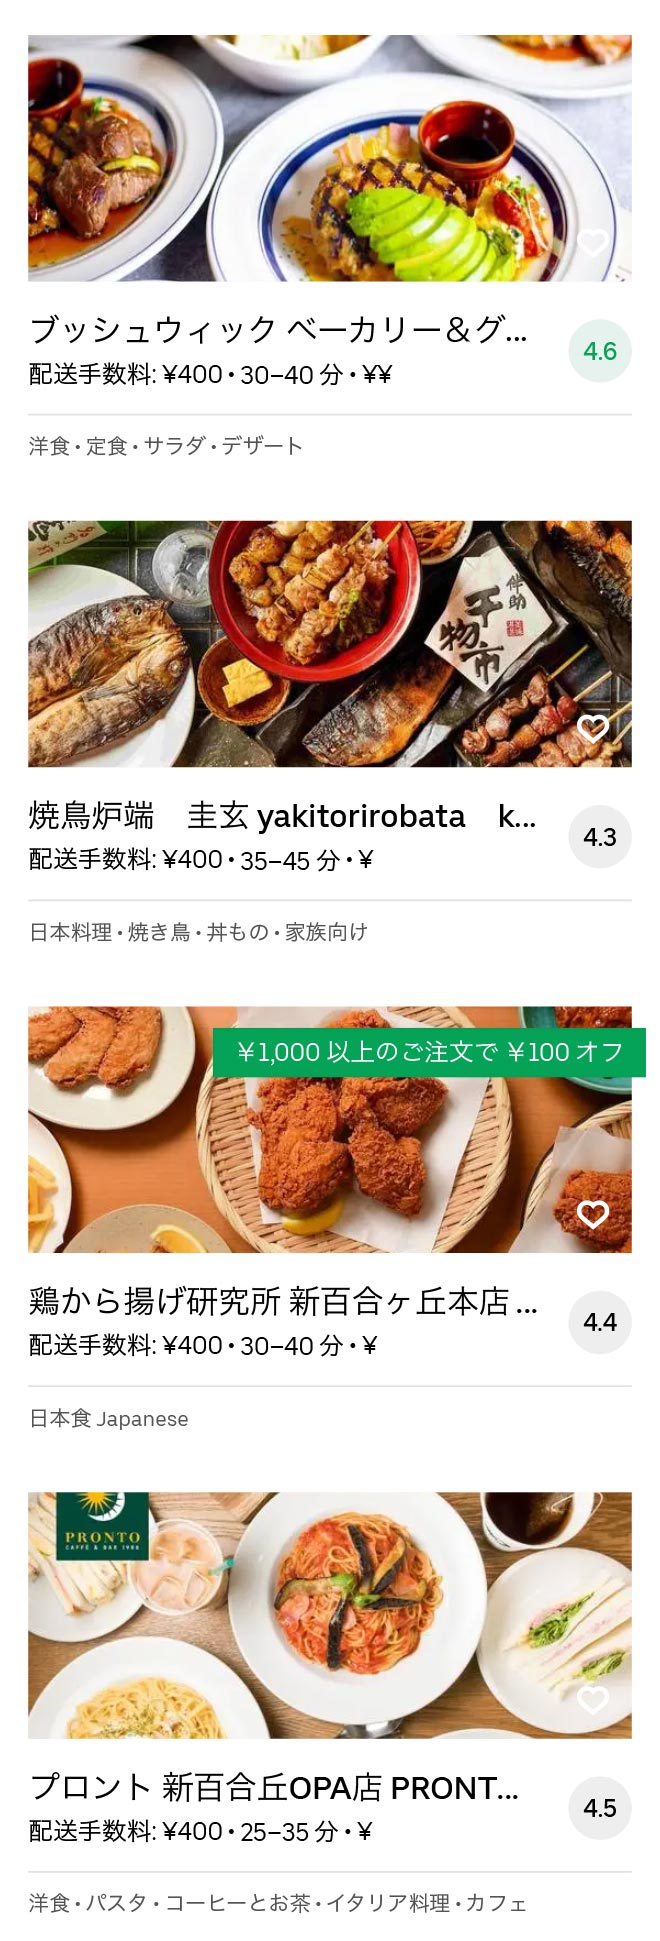 Tsurukawa menu 2010 09